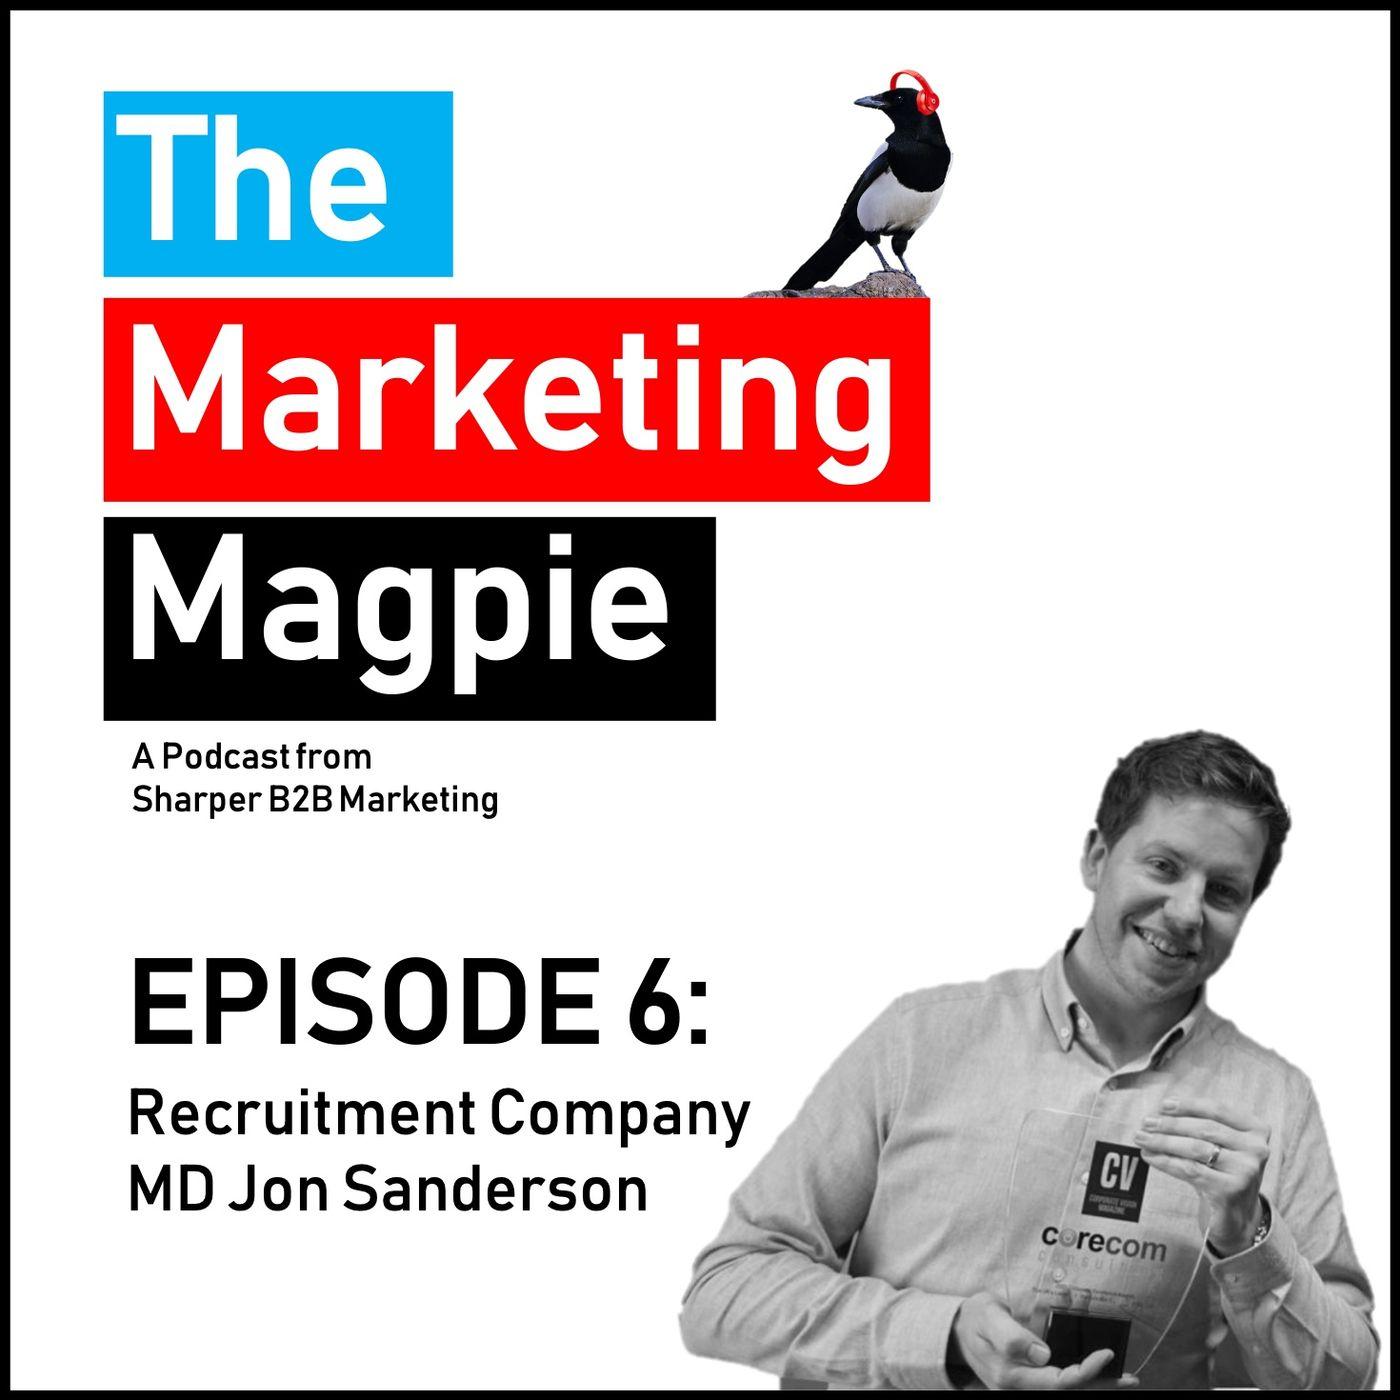 The Marketing Magpie - Episode 6 - Recruitment Company MD Jon Sanderson